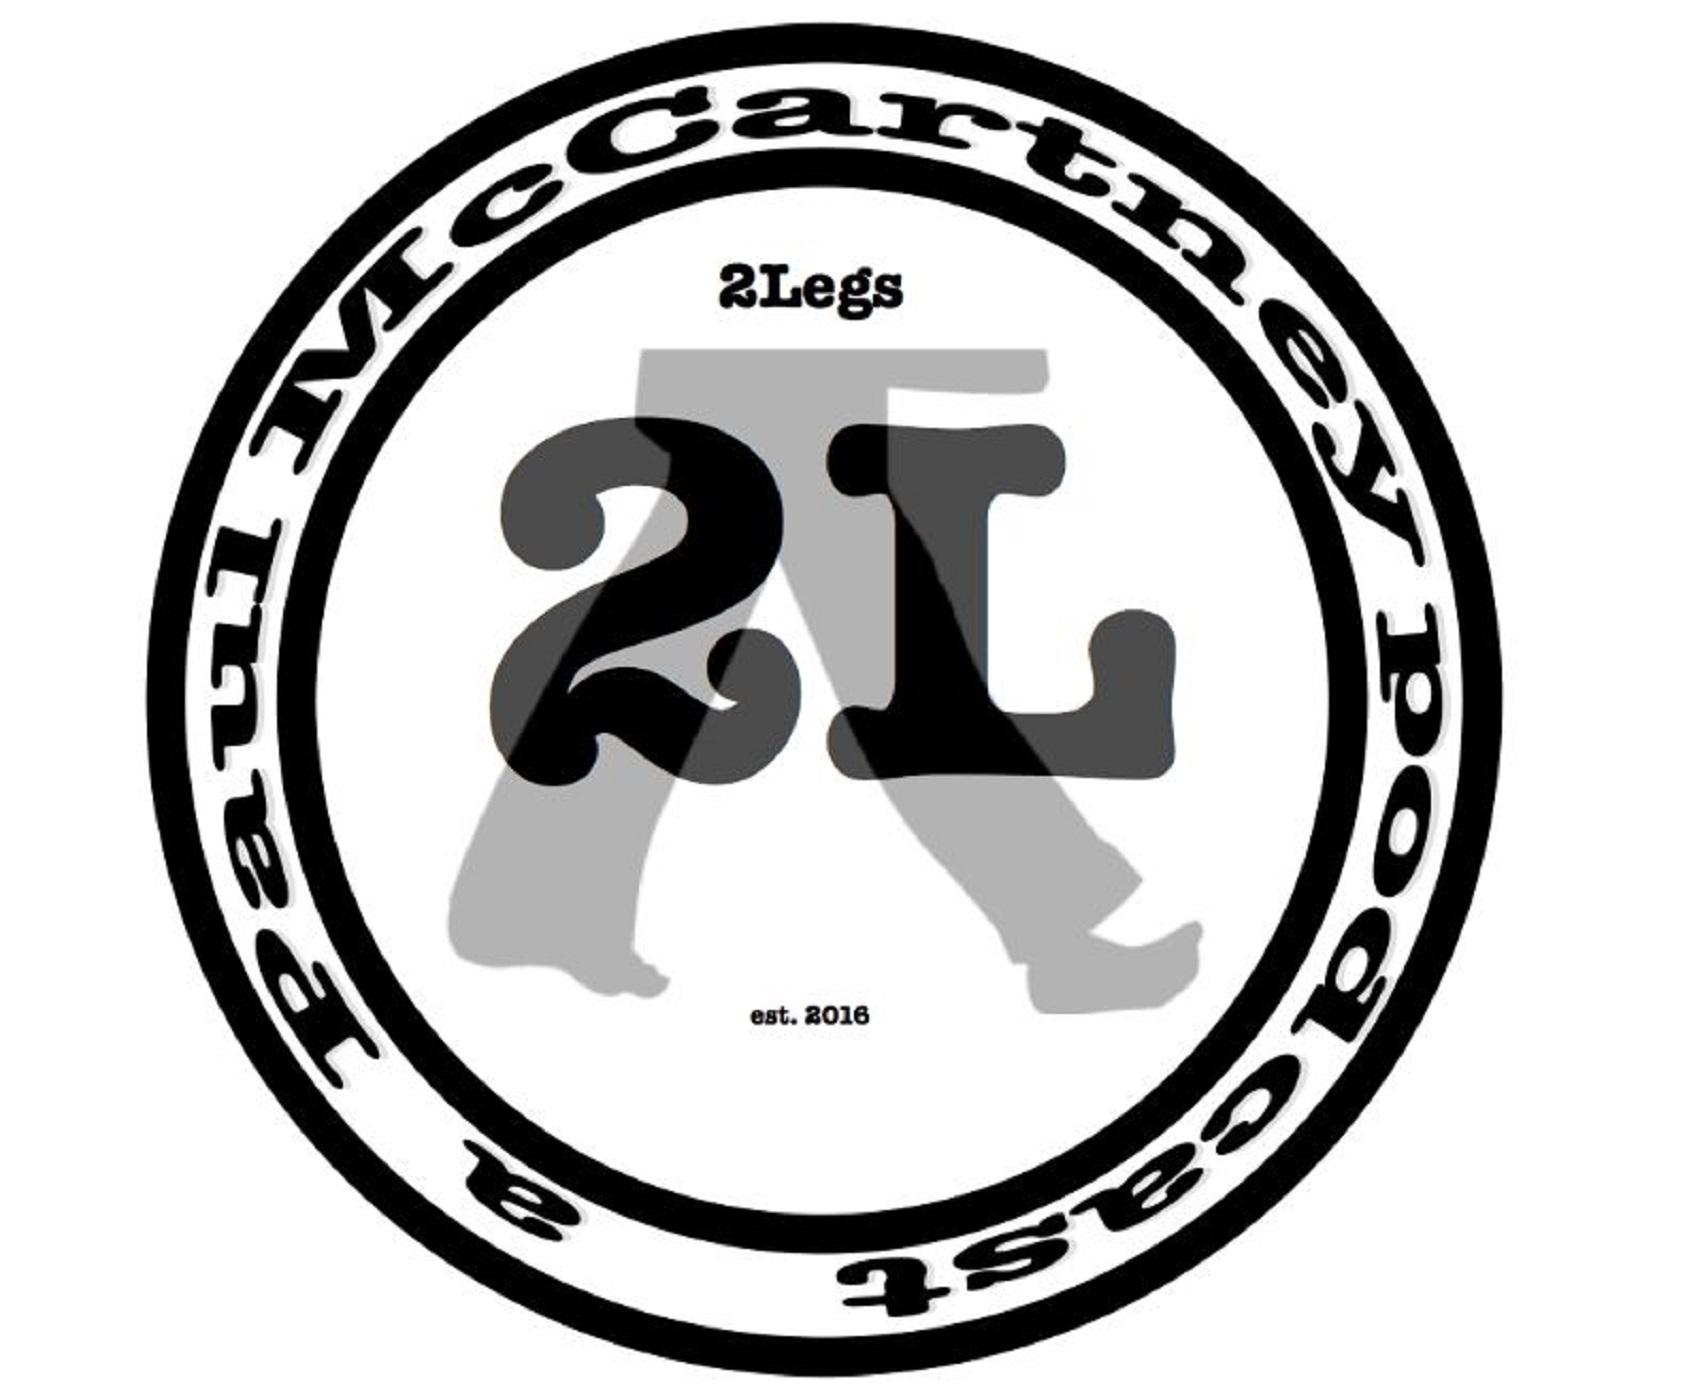 2Legs: A Paul McCartney Podcast